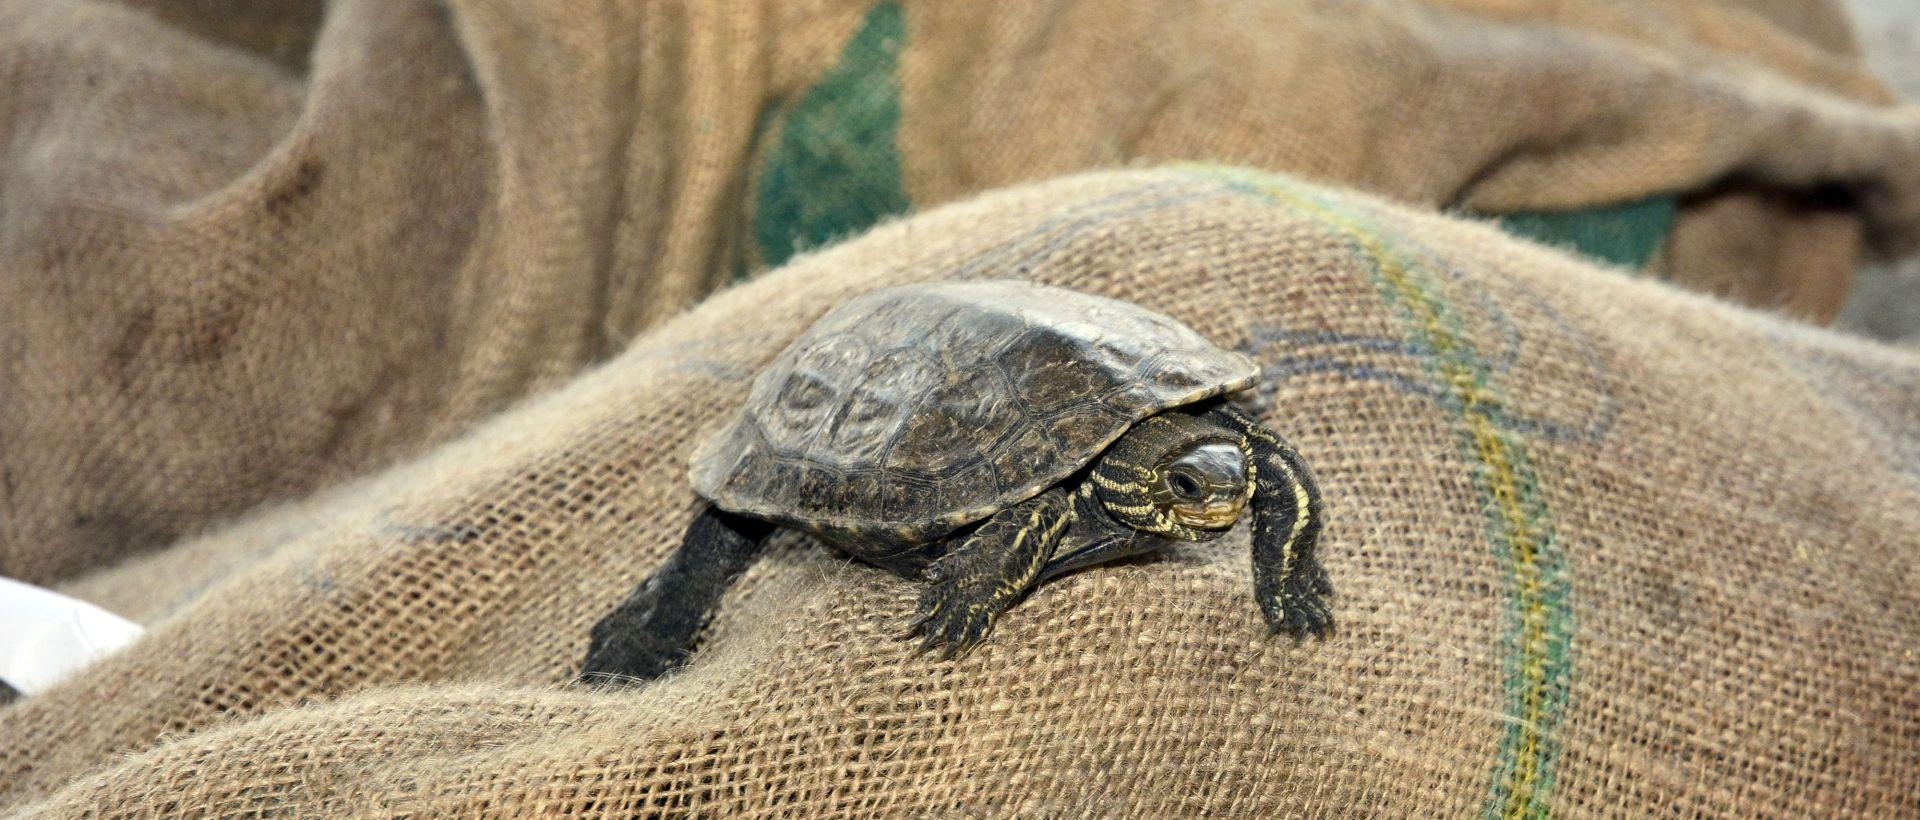 Carina zaplijenila čak 715 kornjača